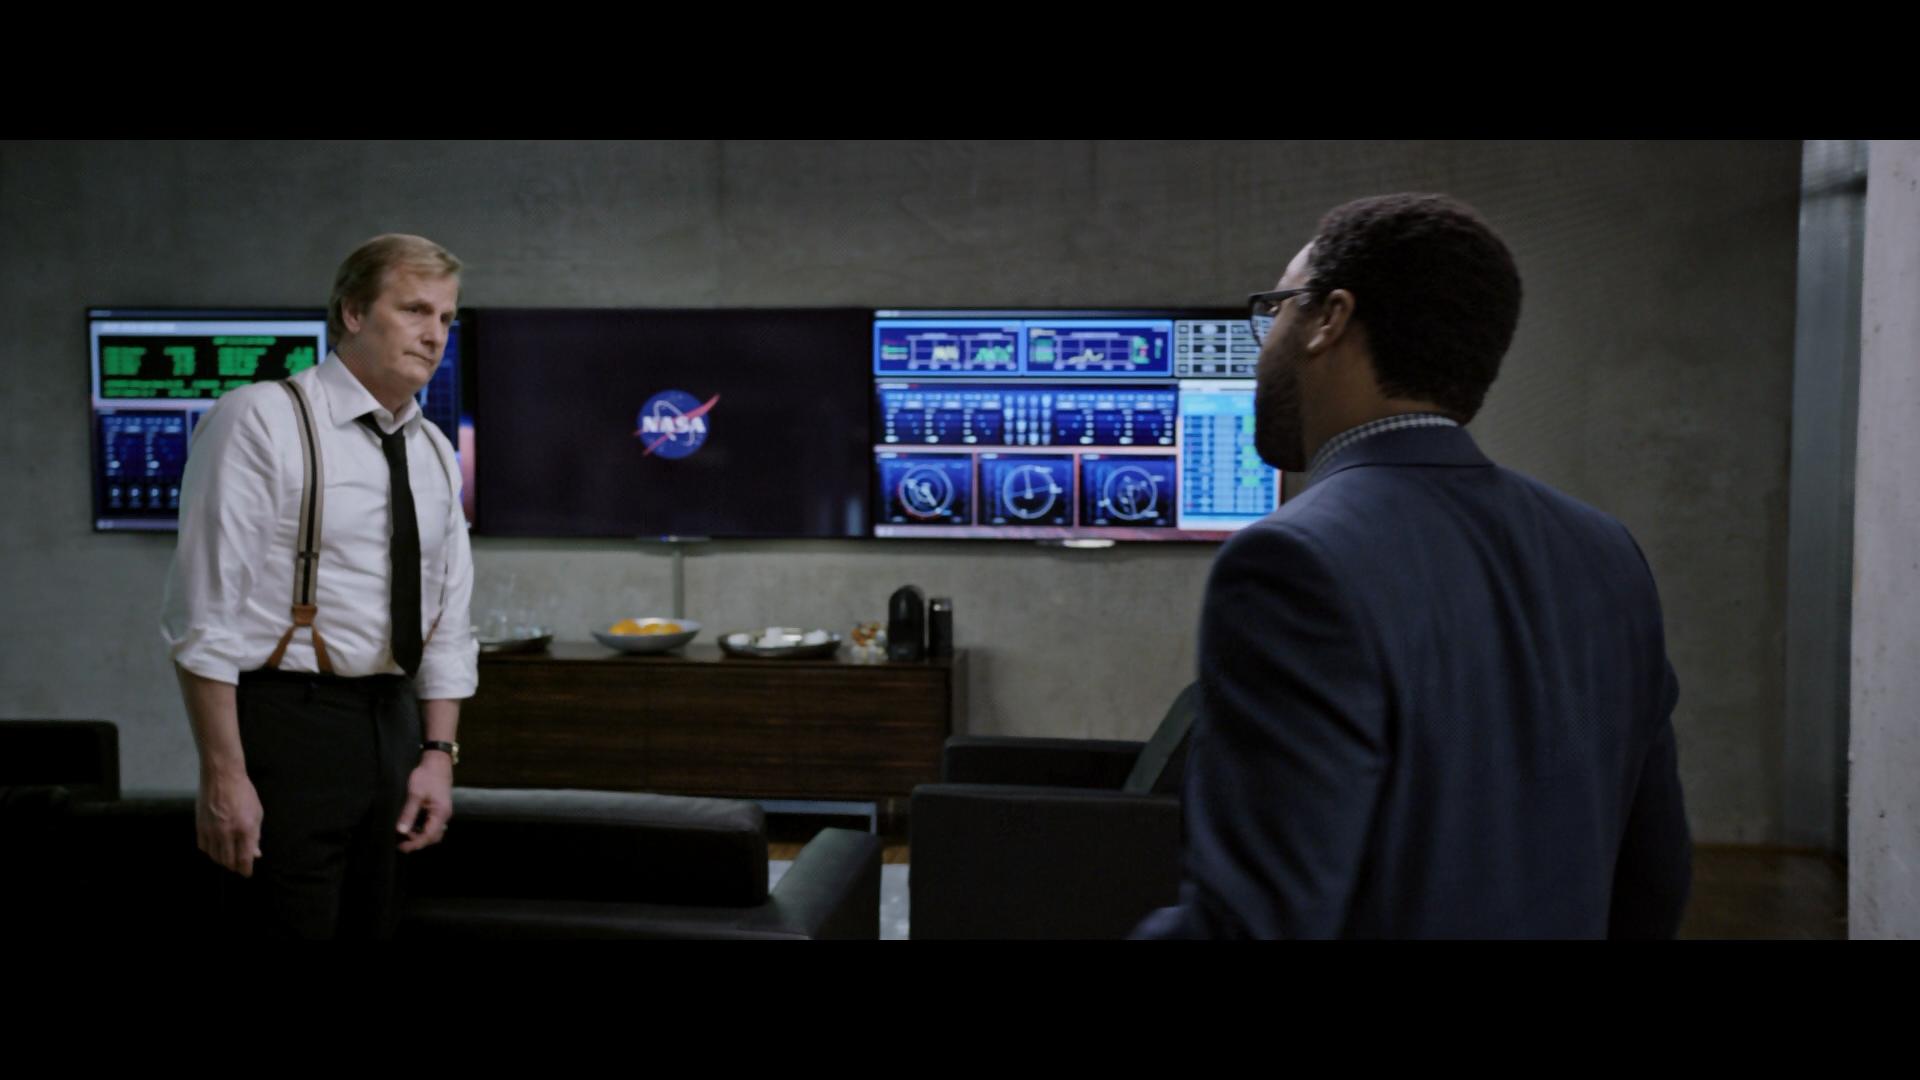 скачать фильм blu ray 3d торрент гравитация